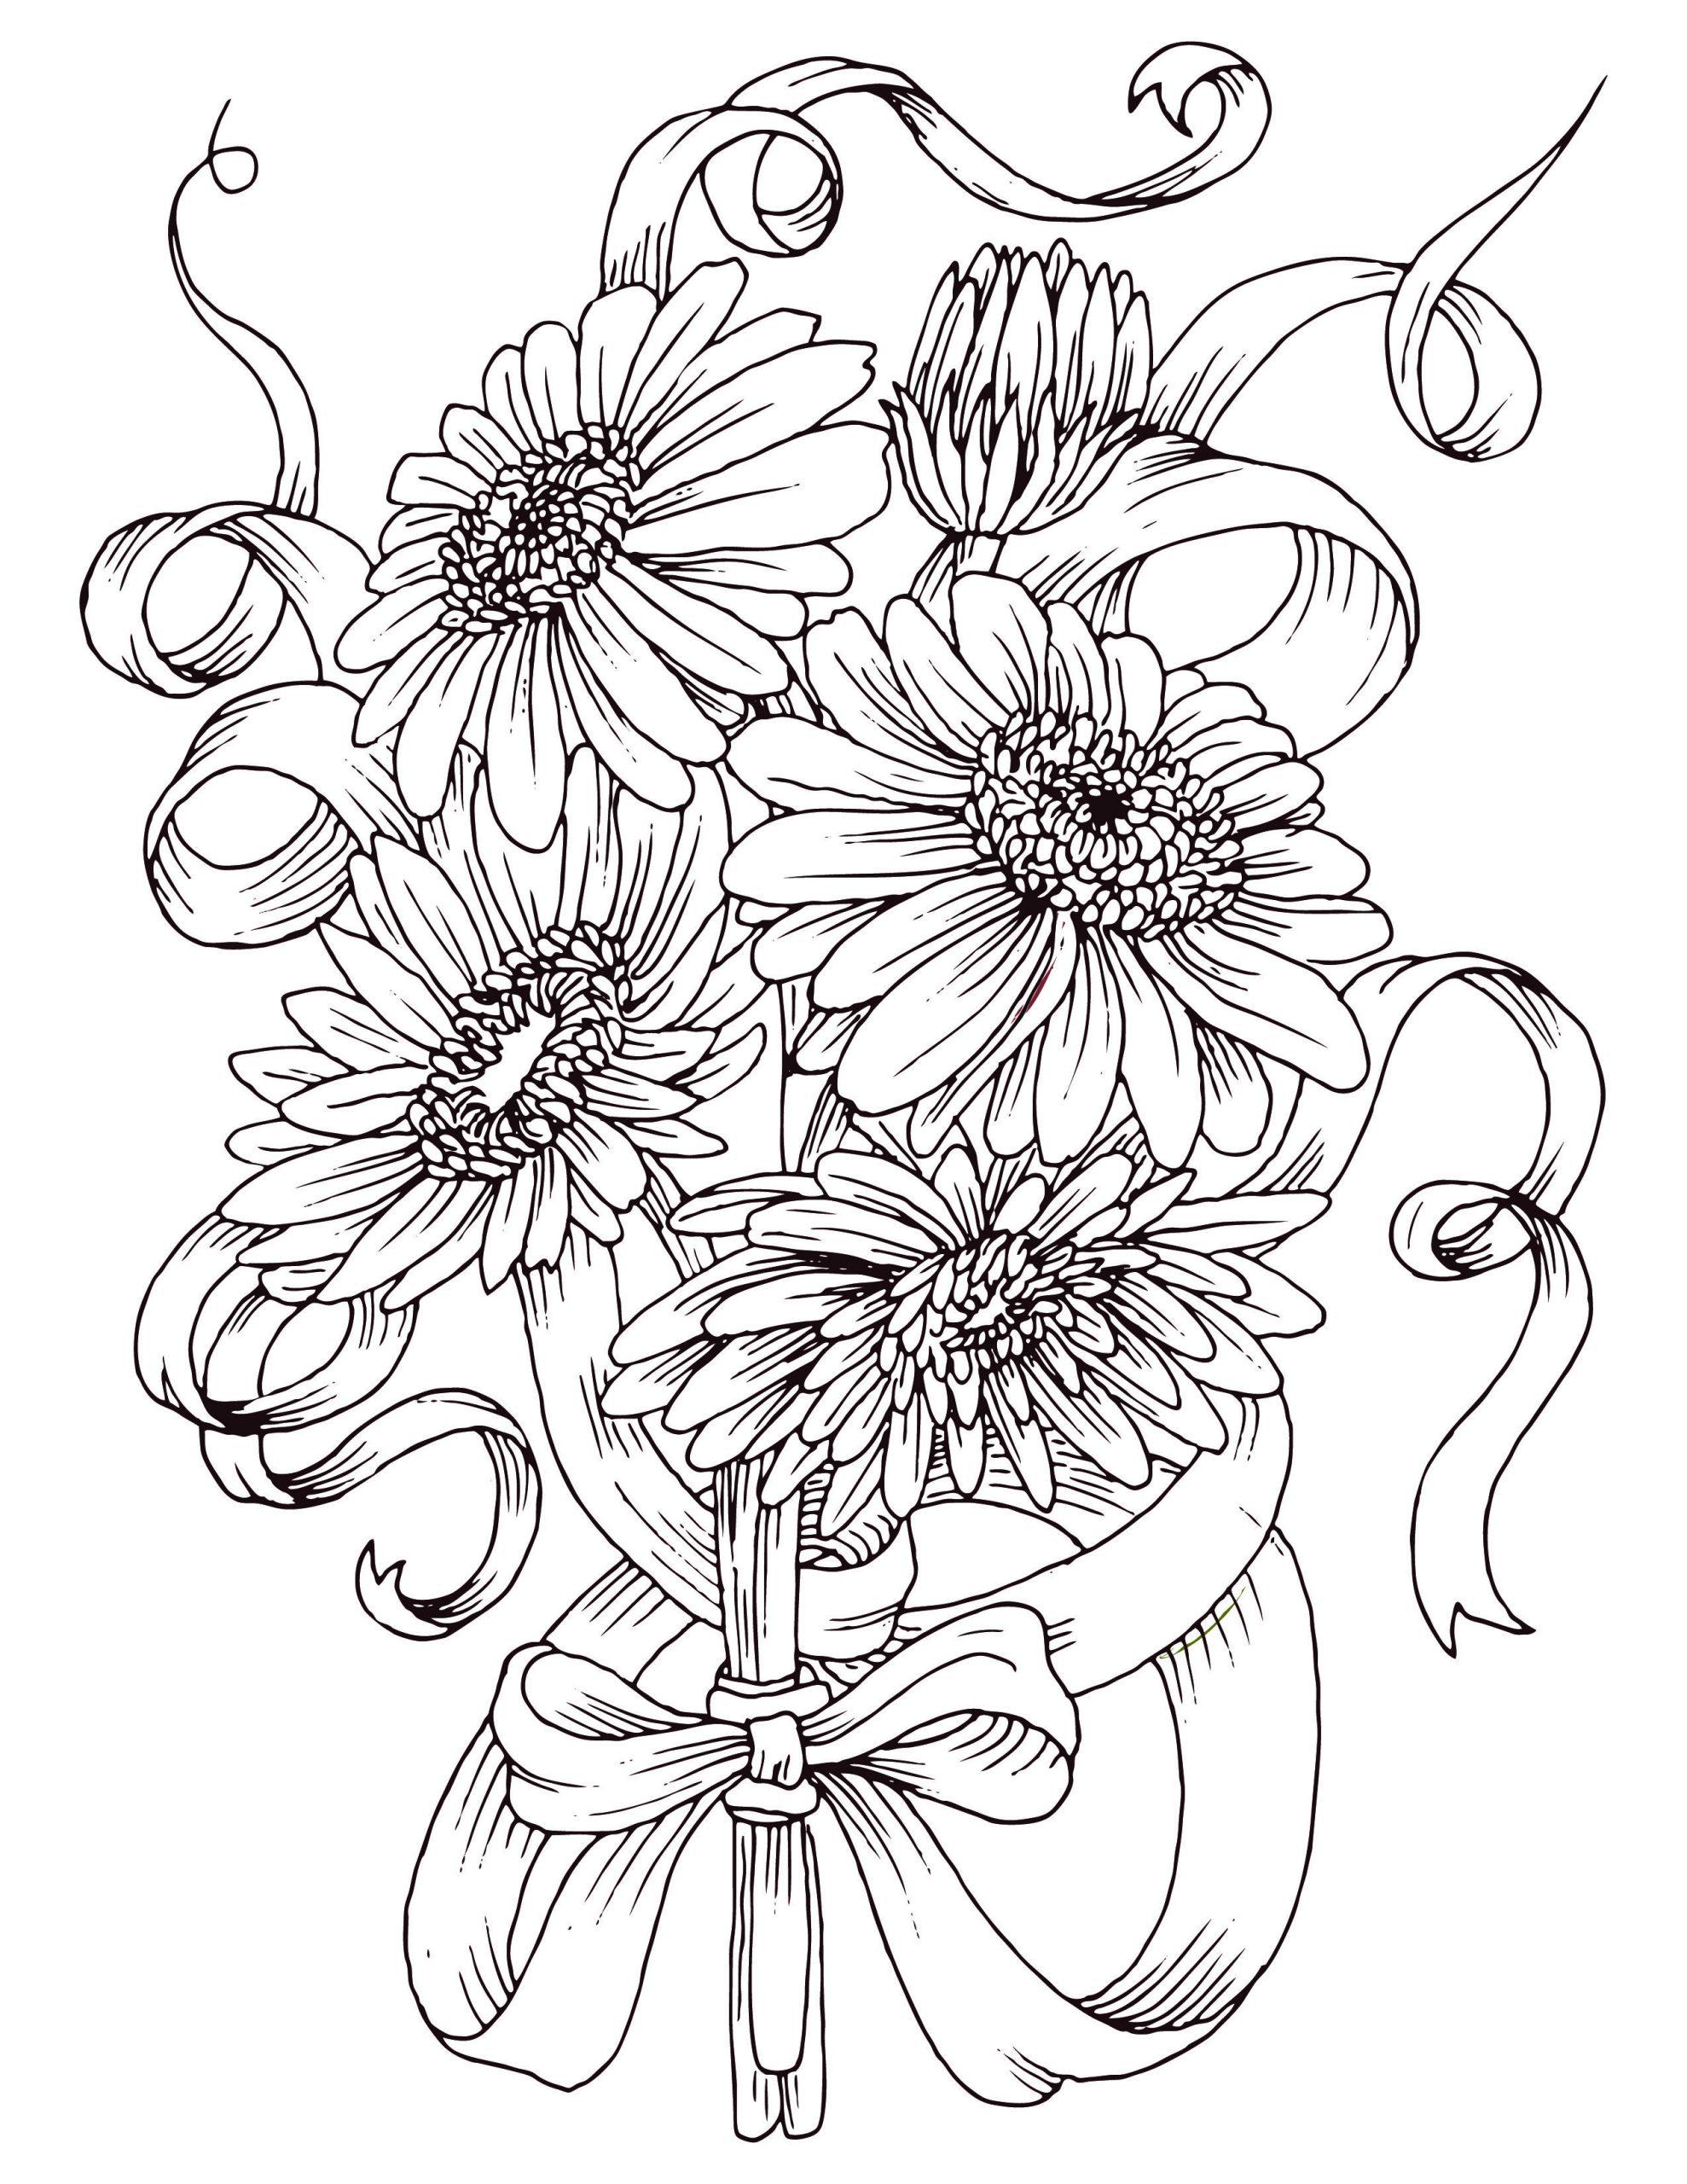 Coloriage Gratuit, Bouquet De Fleurs Marguerite | Coloriage avec Dessin A Colorier De Fleur